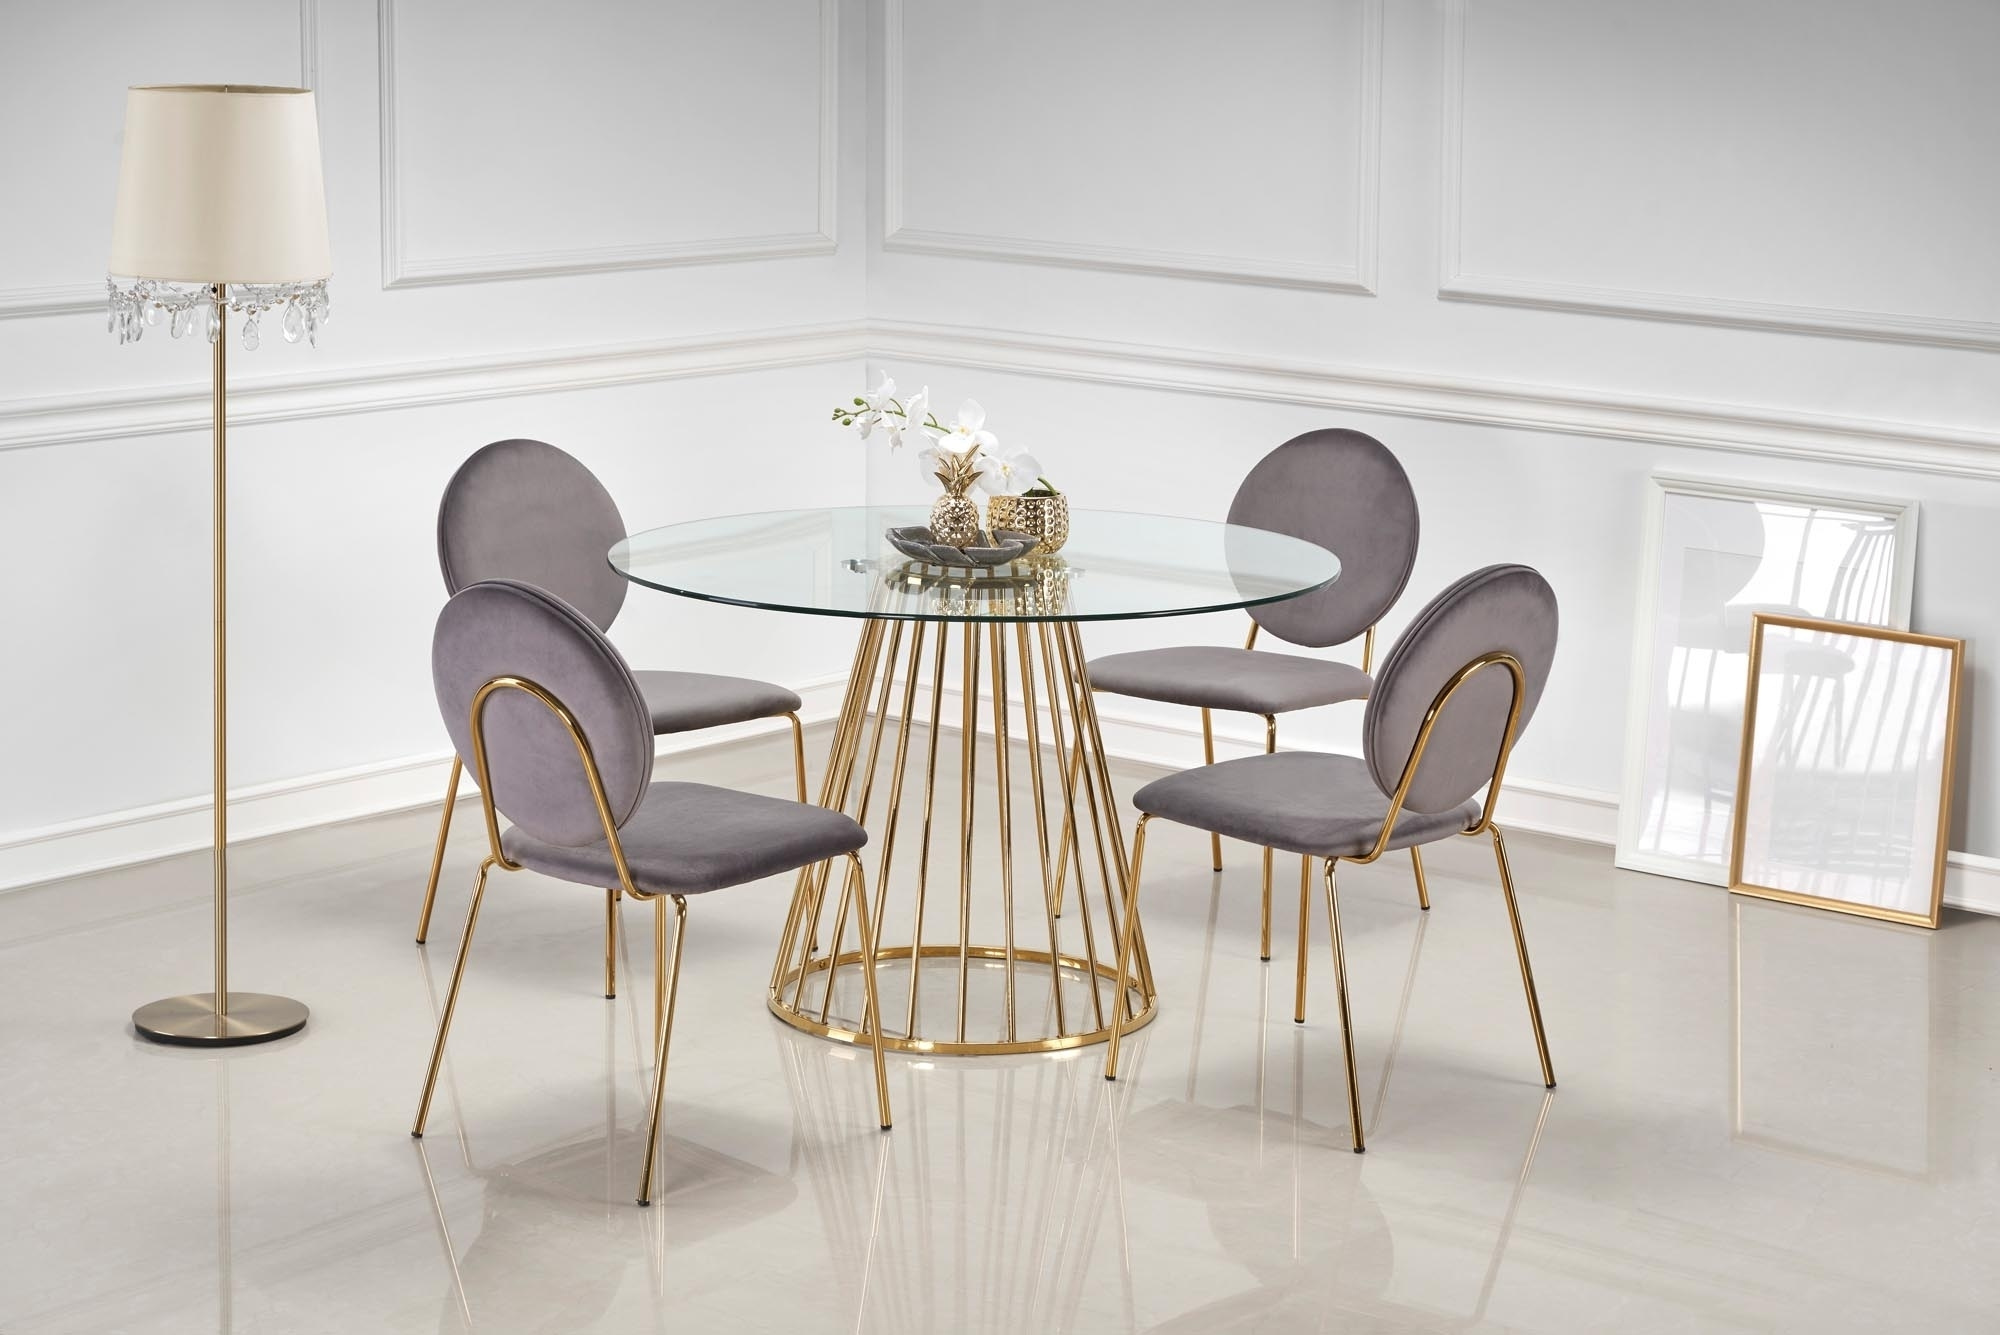 Set masa din sticla si metal Liverpool Transparent / Auriu + 4 scaune tapitate cu stofa K363 Gri / Auriu, Ø120xH75 cm imagine